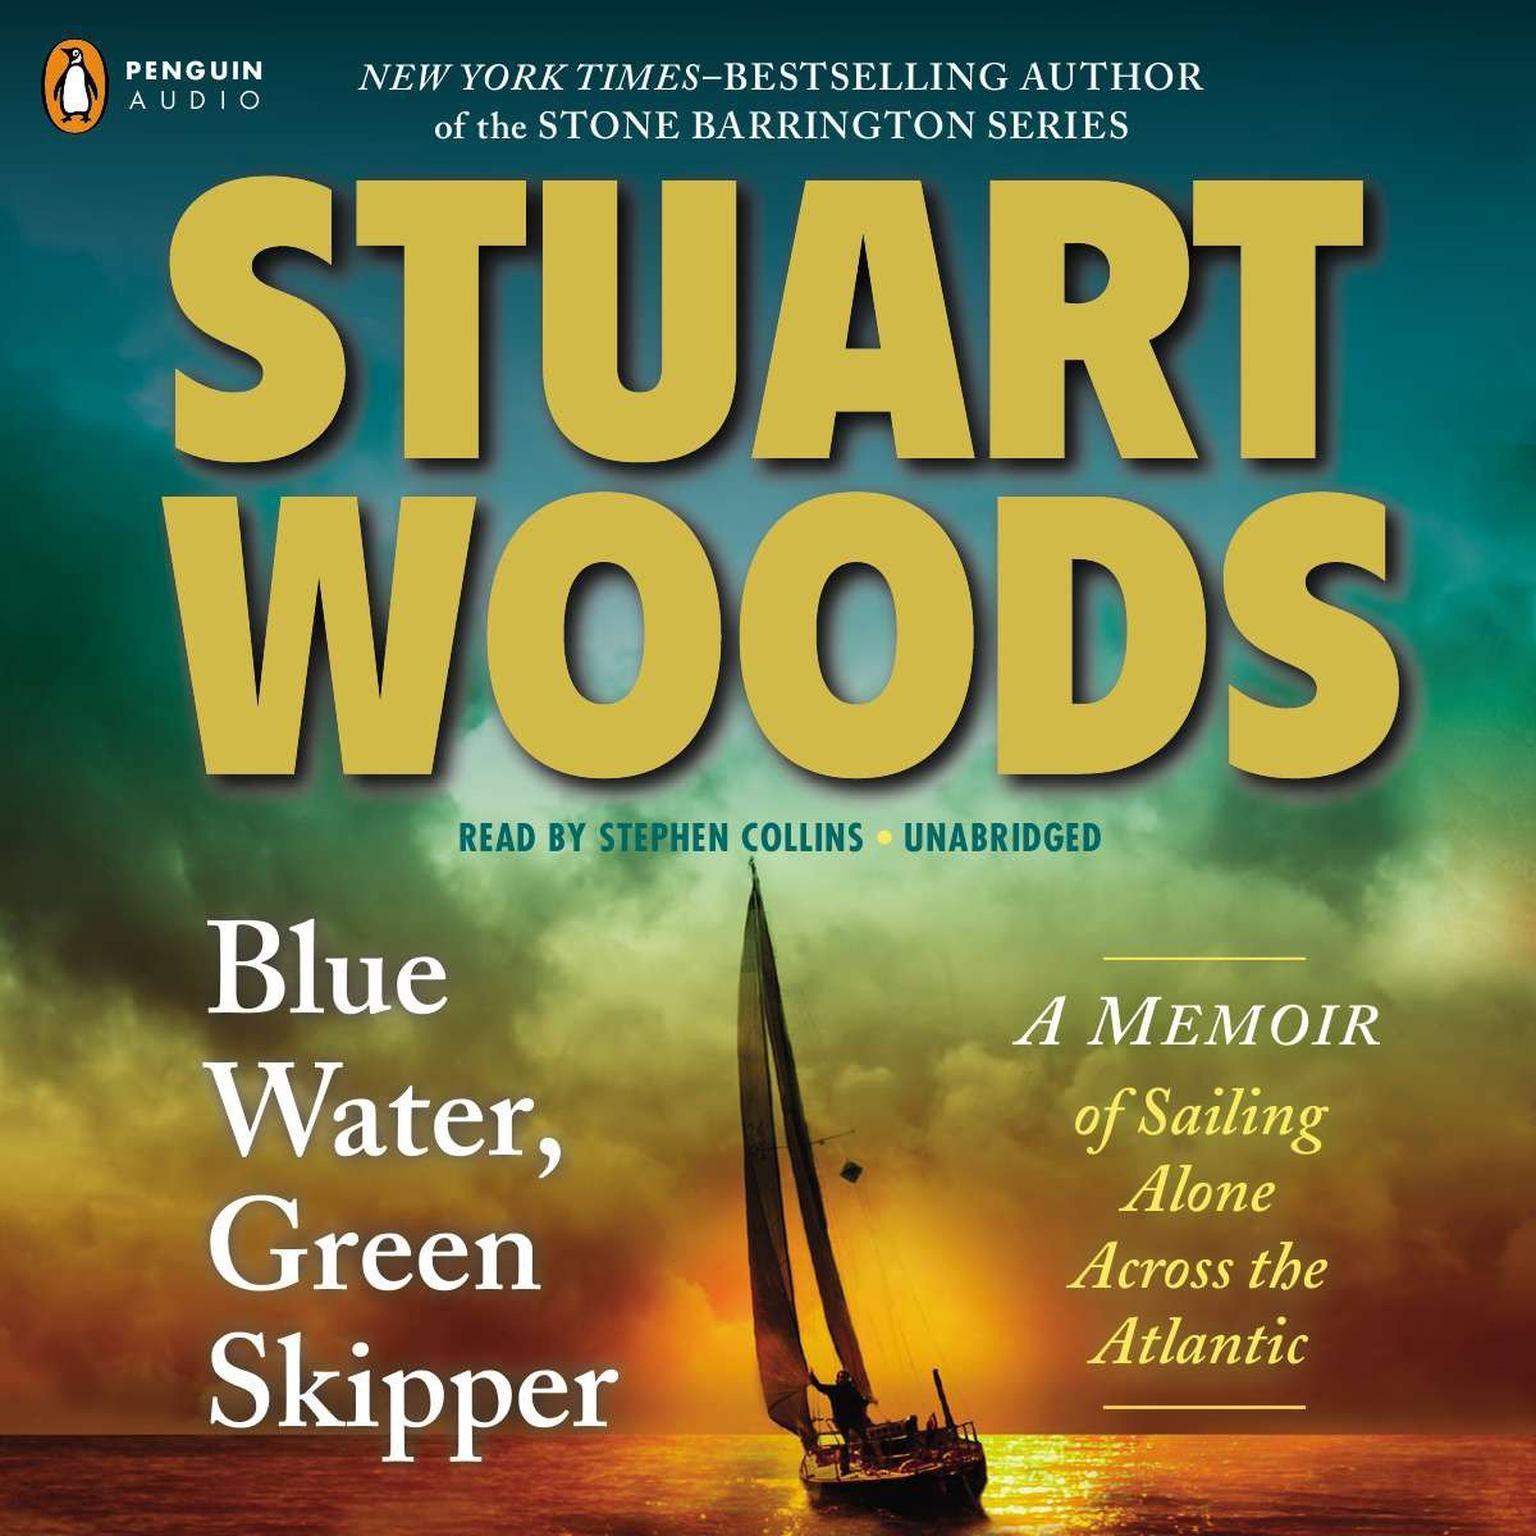 Printable Blue Water, Green Skipper: A Memoir of Sailing Alone Across the Atlantic Audiobook Cover Art